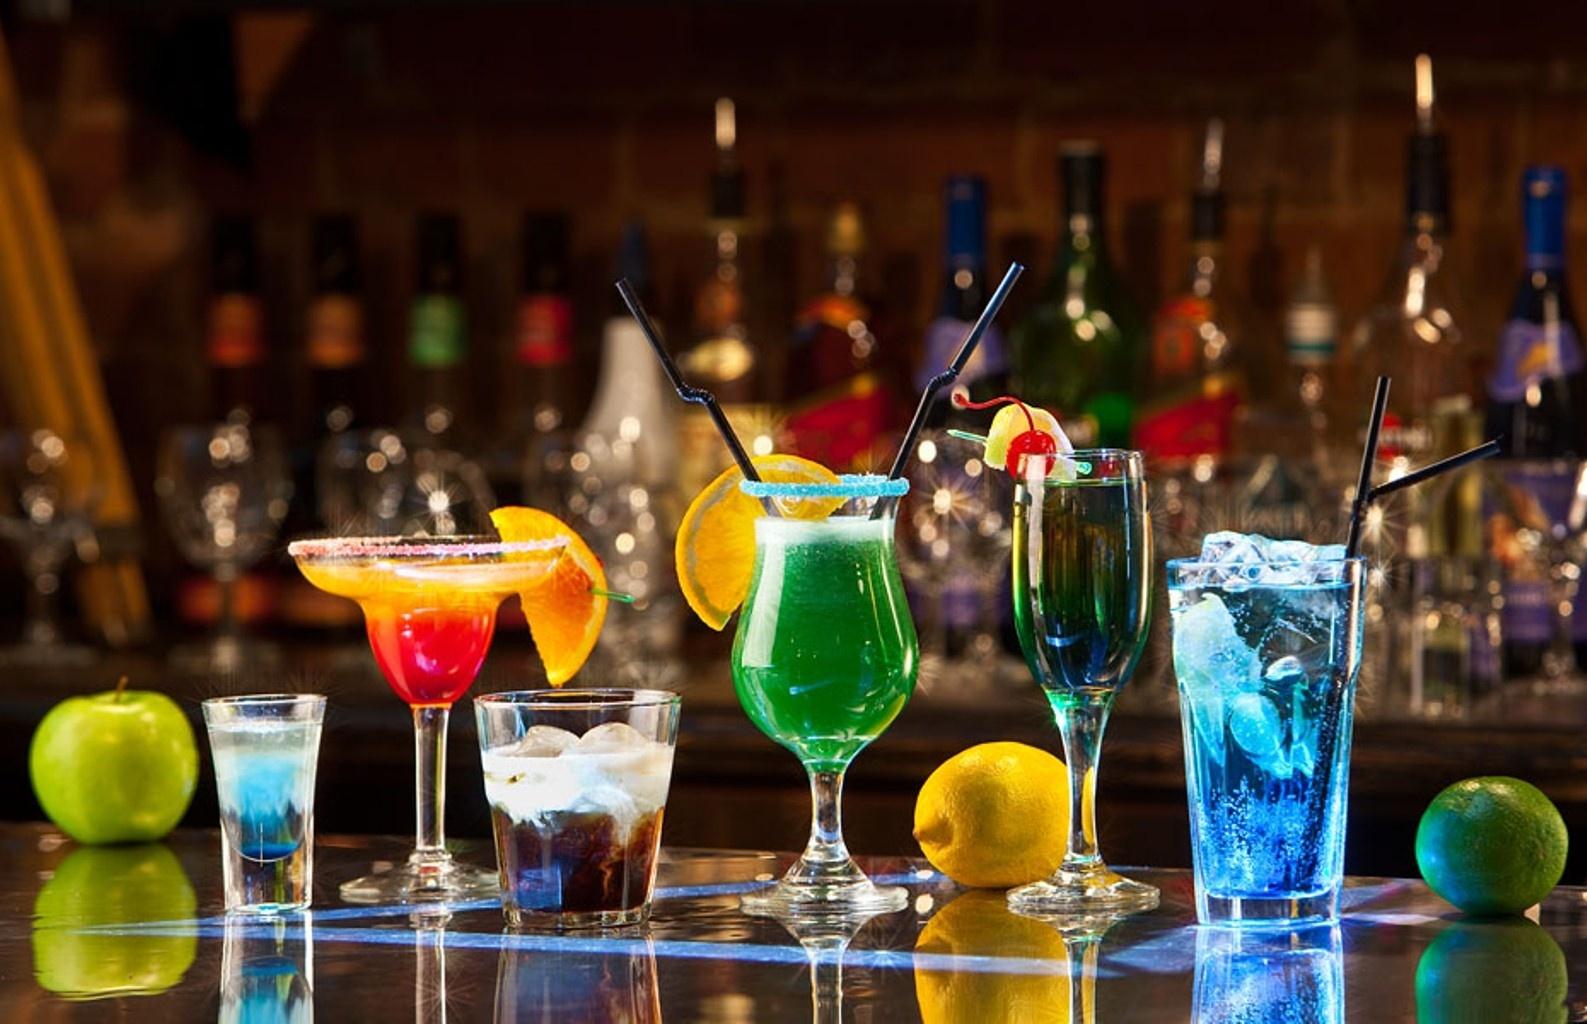 безалкогольные коктейли простые в домашних условиях с фото пошагово простые